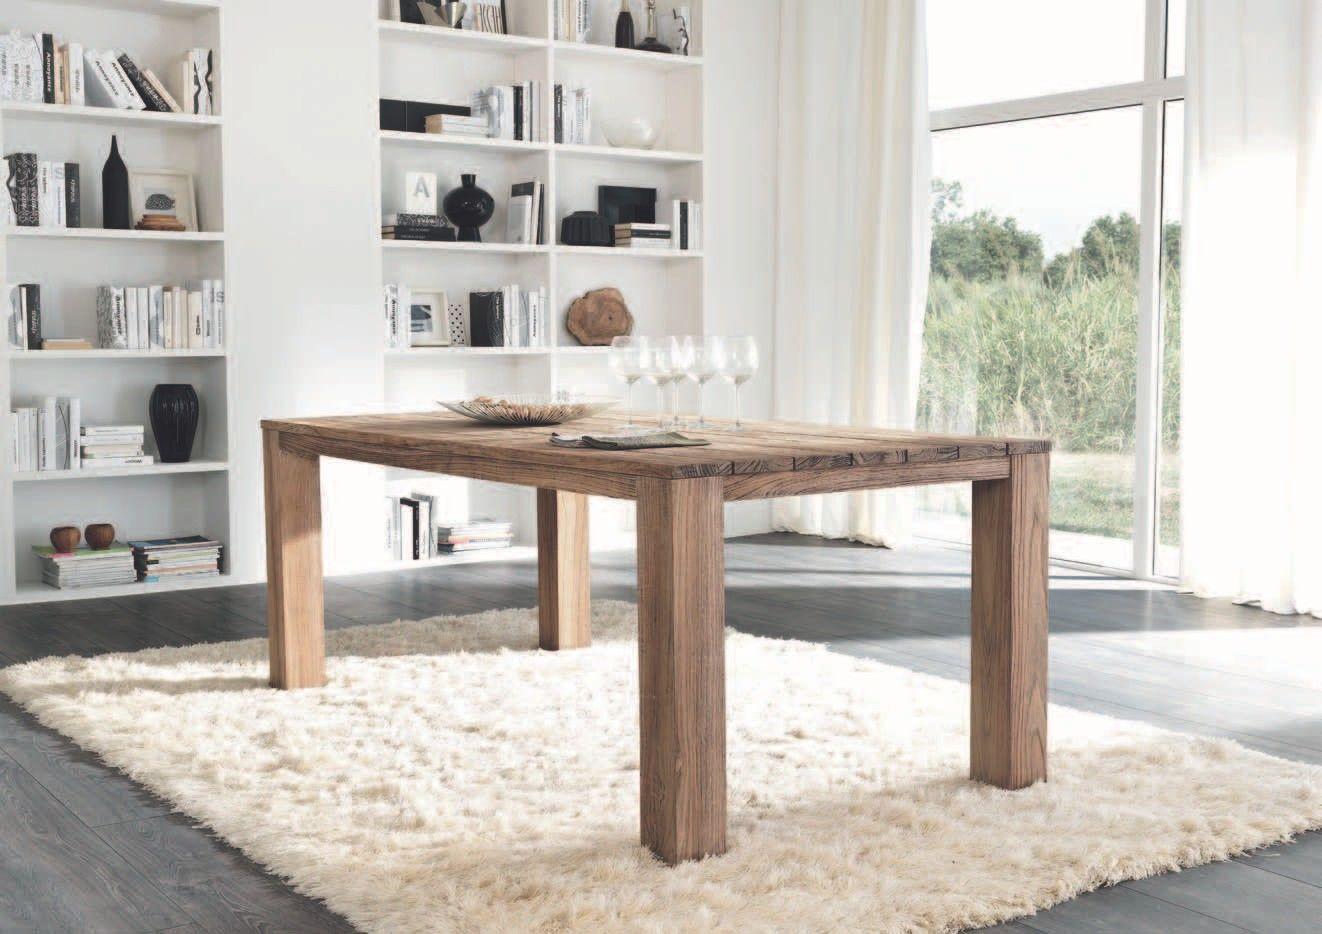 Muebles r sticos muebles madera natural decoraci n con muebles r sticos muebles arte nogal - Muebles de madera rusticos ...